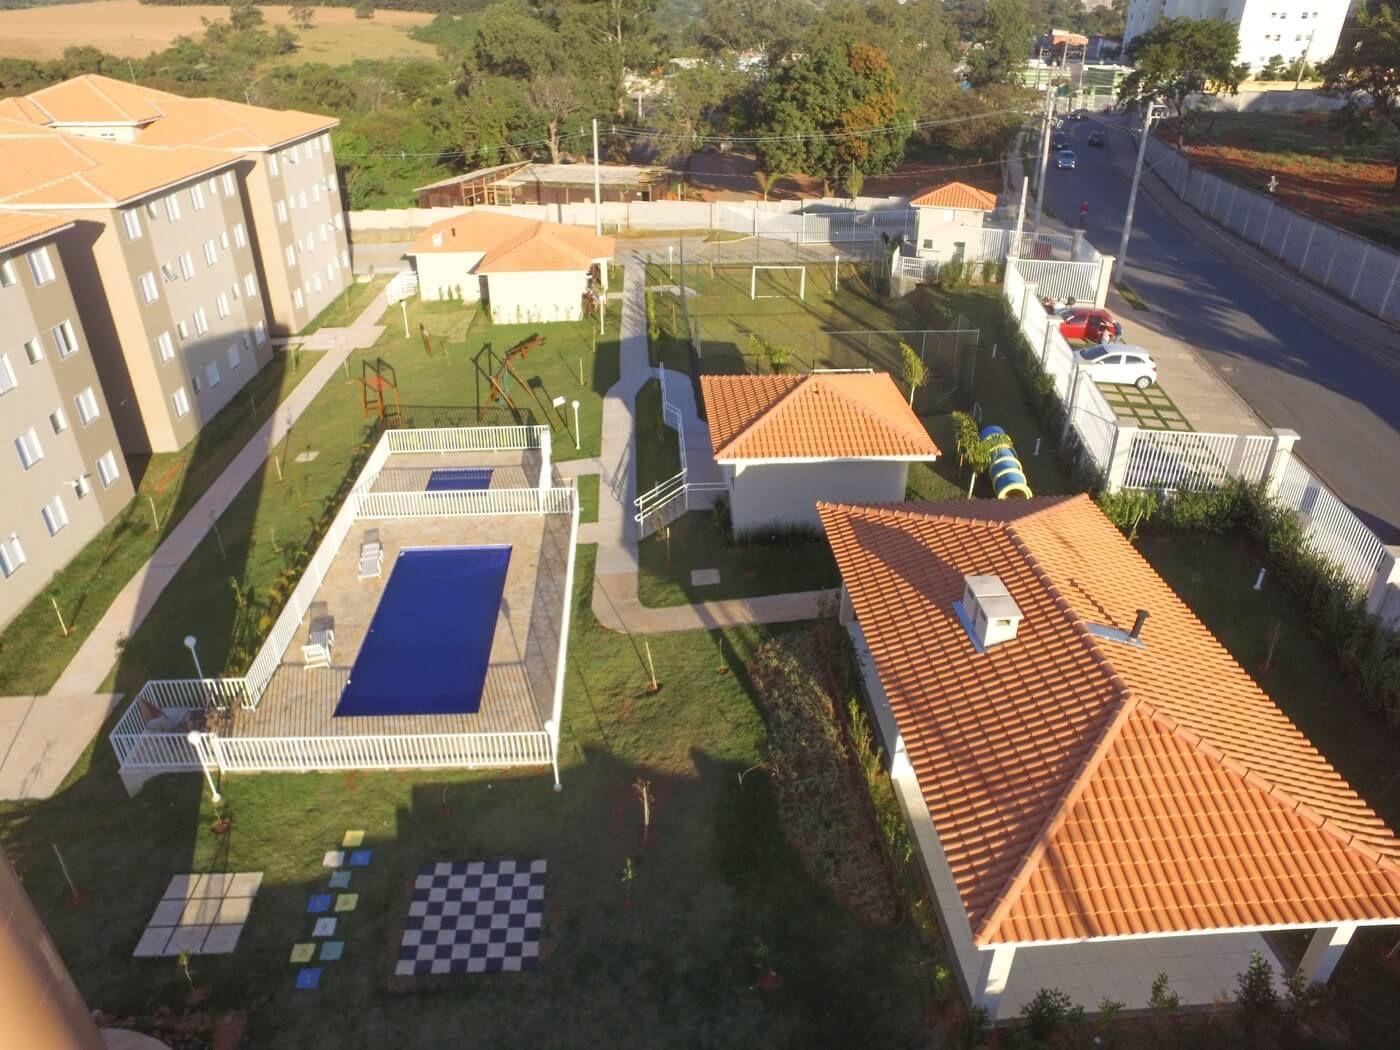 Le Parc Acapulco Apartamentos Sorocaba - SP - Magnum Construtora